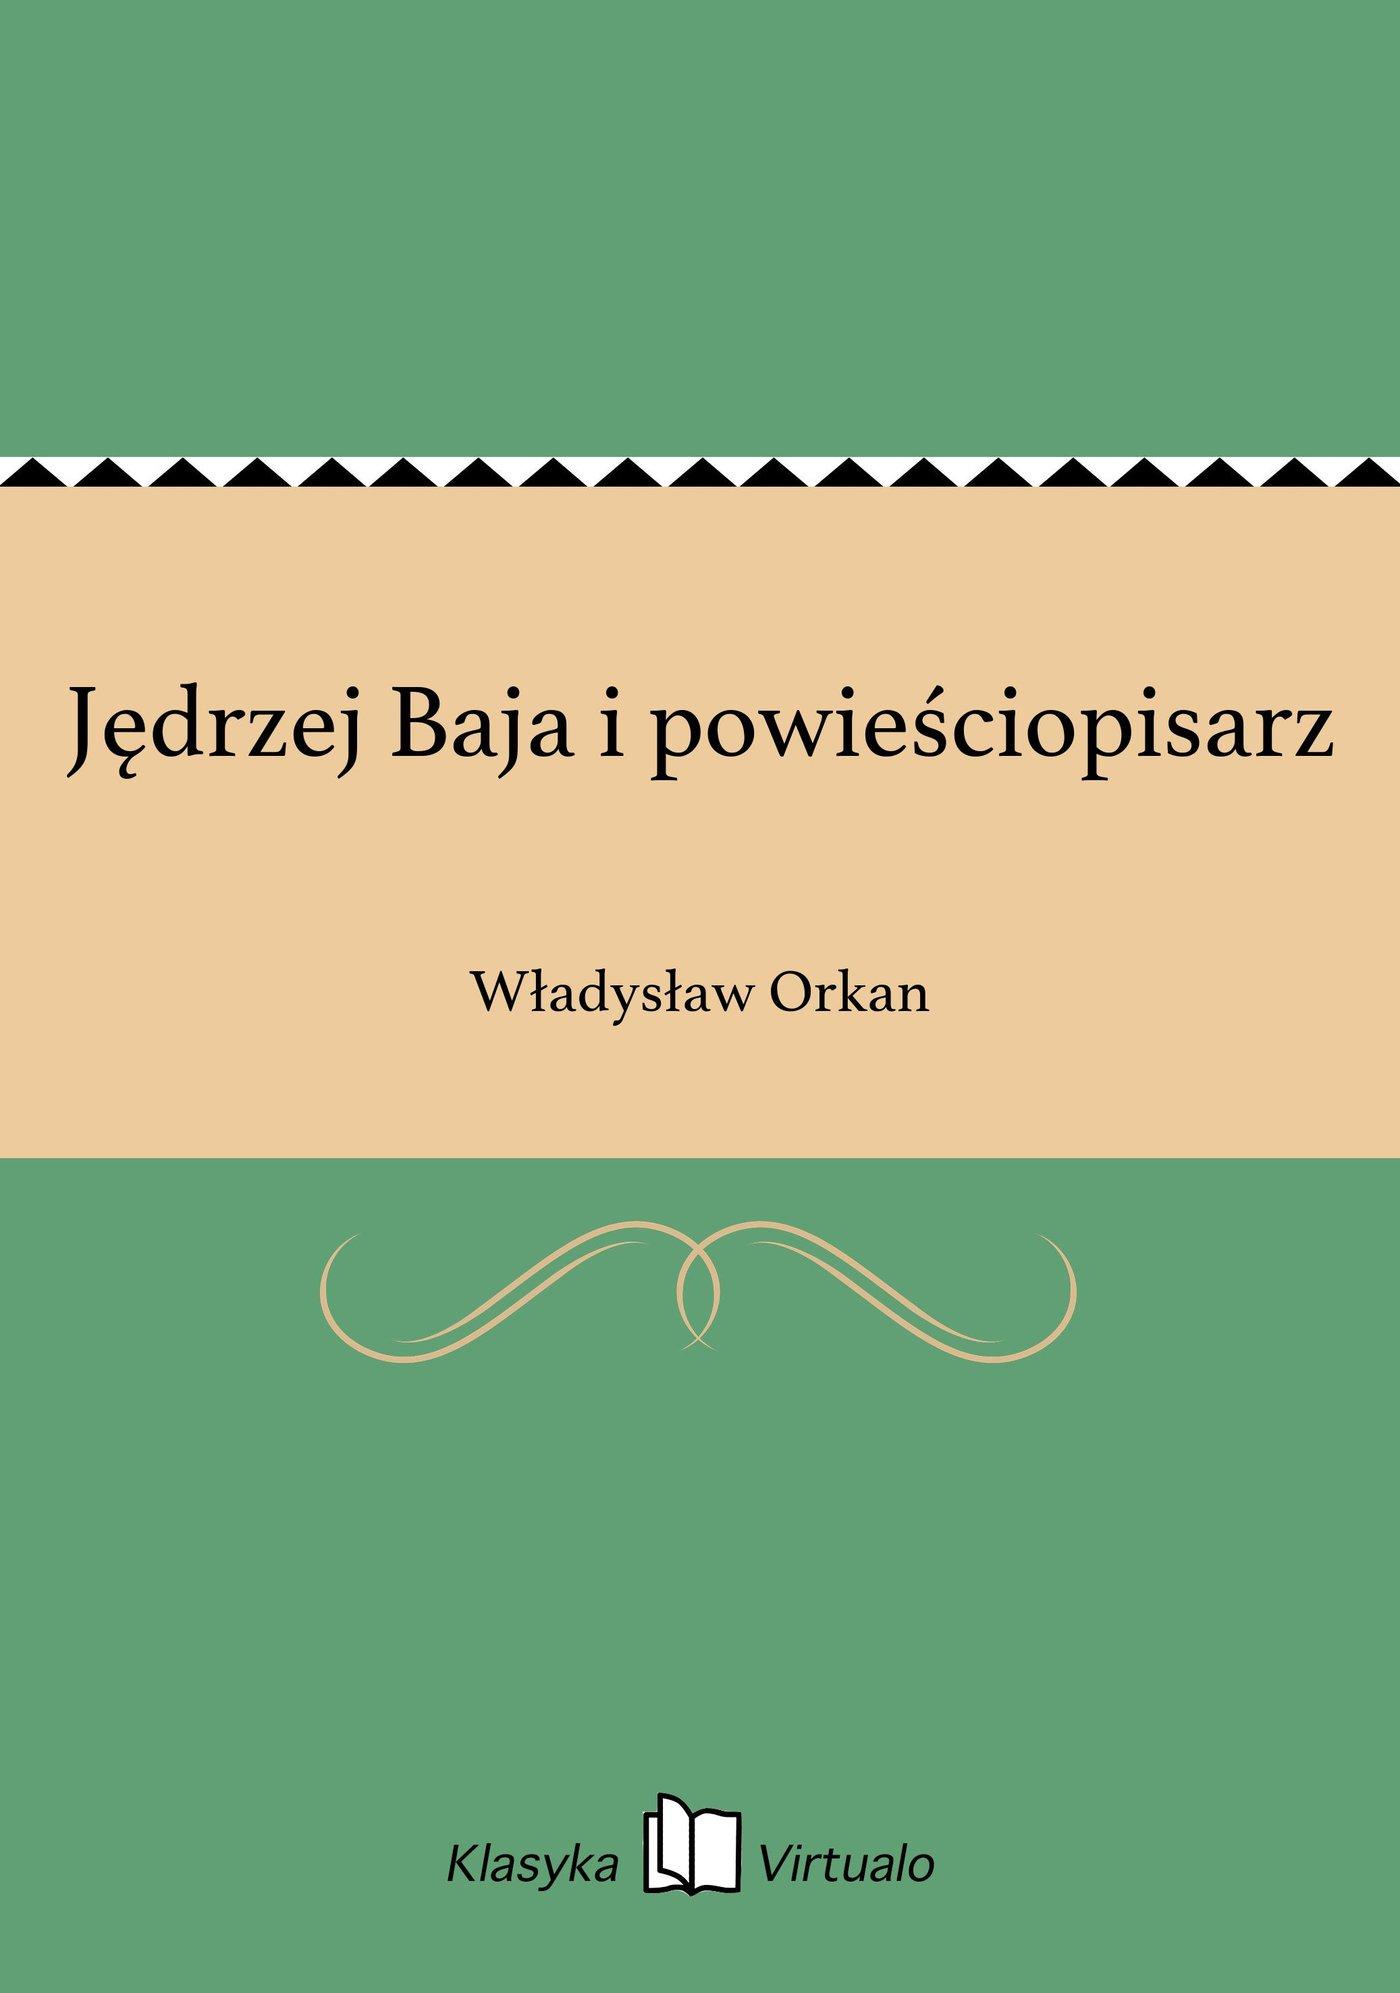 Jędrzej Baja i powieściopisarz - Ebook (Książka EPUB) do pobrania w formacie EPUB